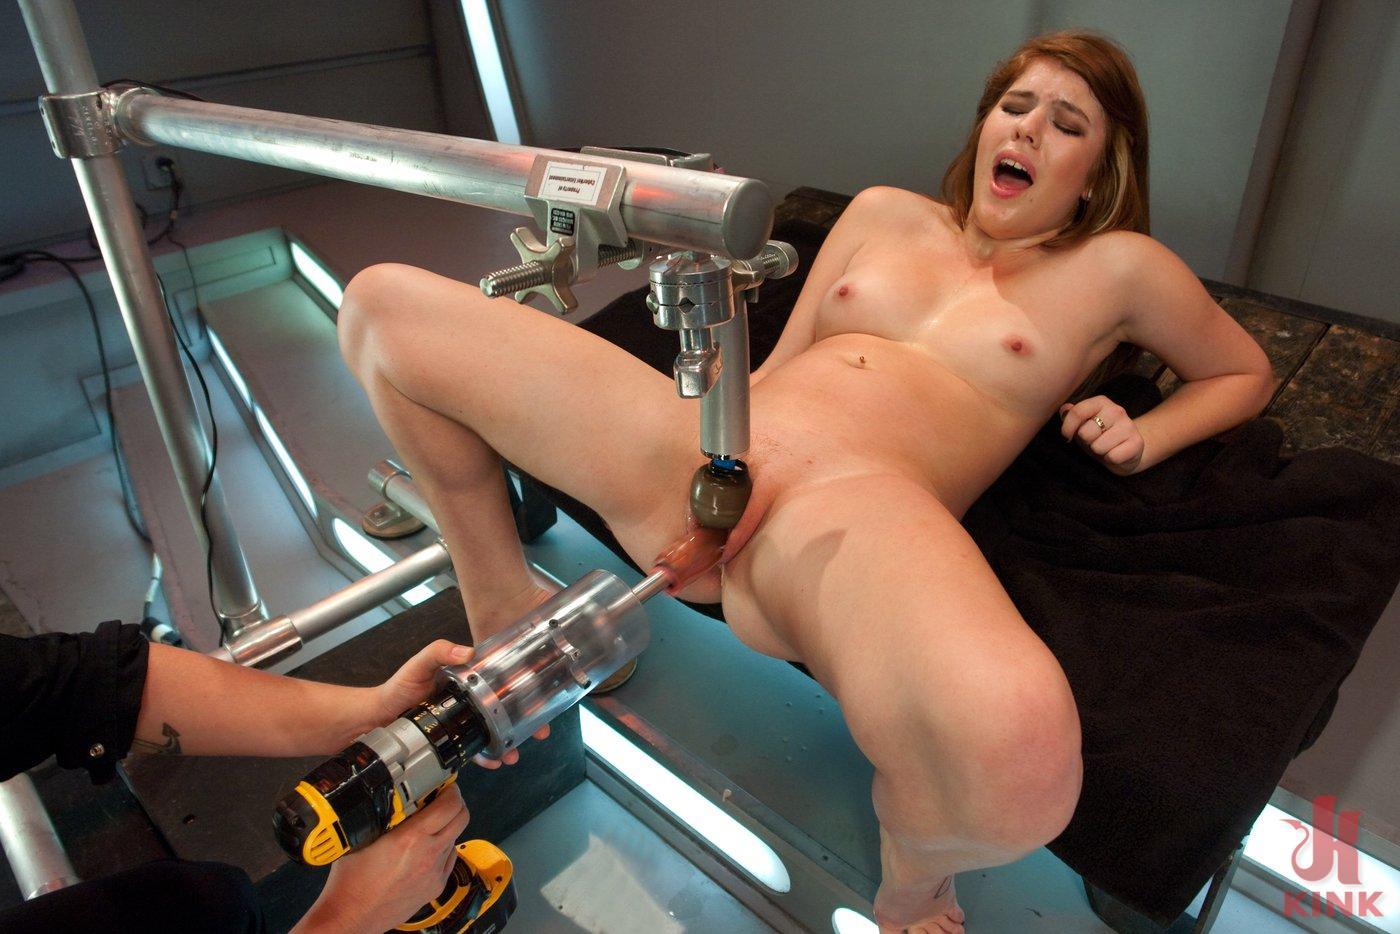 Webcam Fuck Machine Porn Videos Pornhubcom